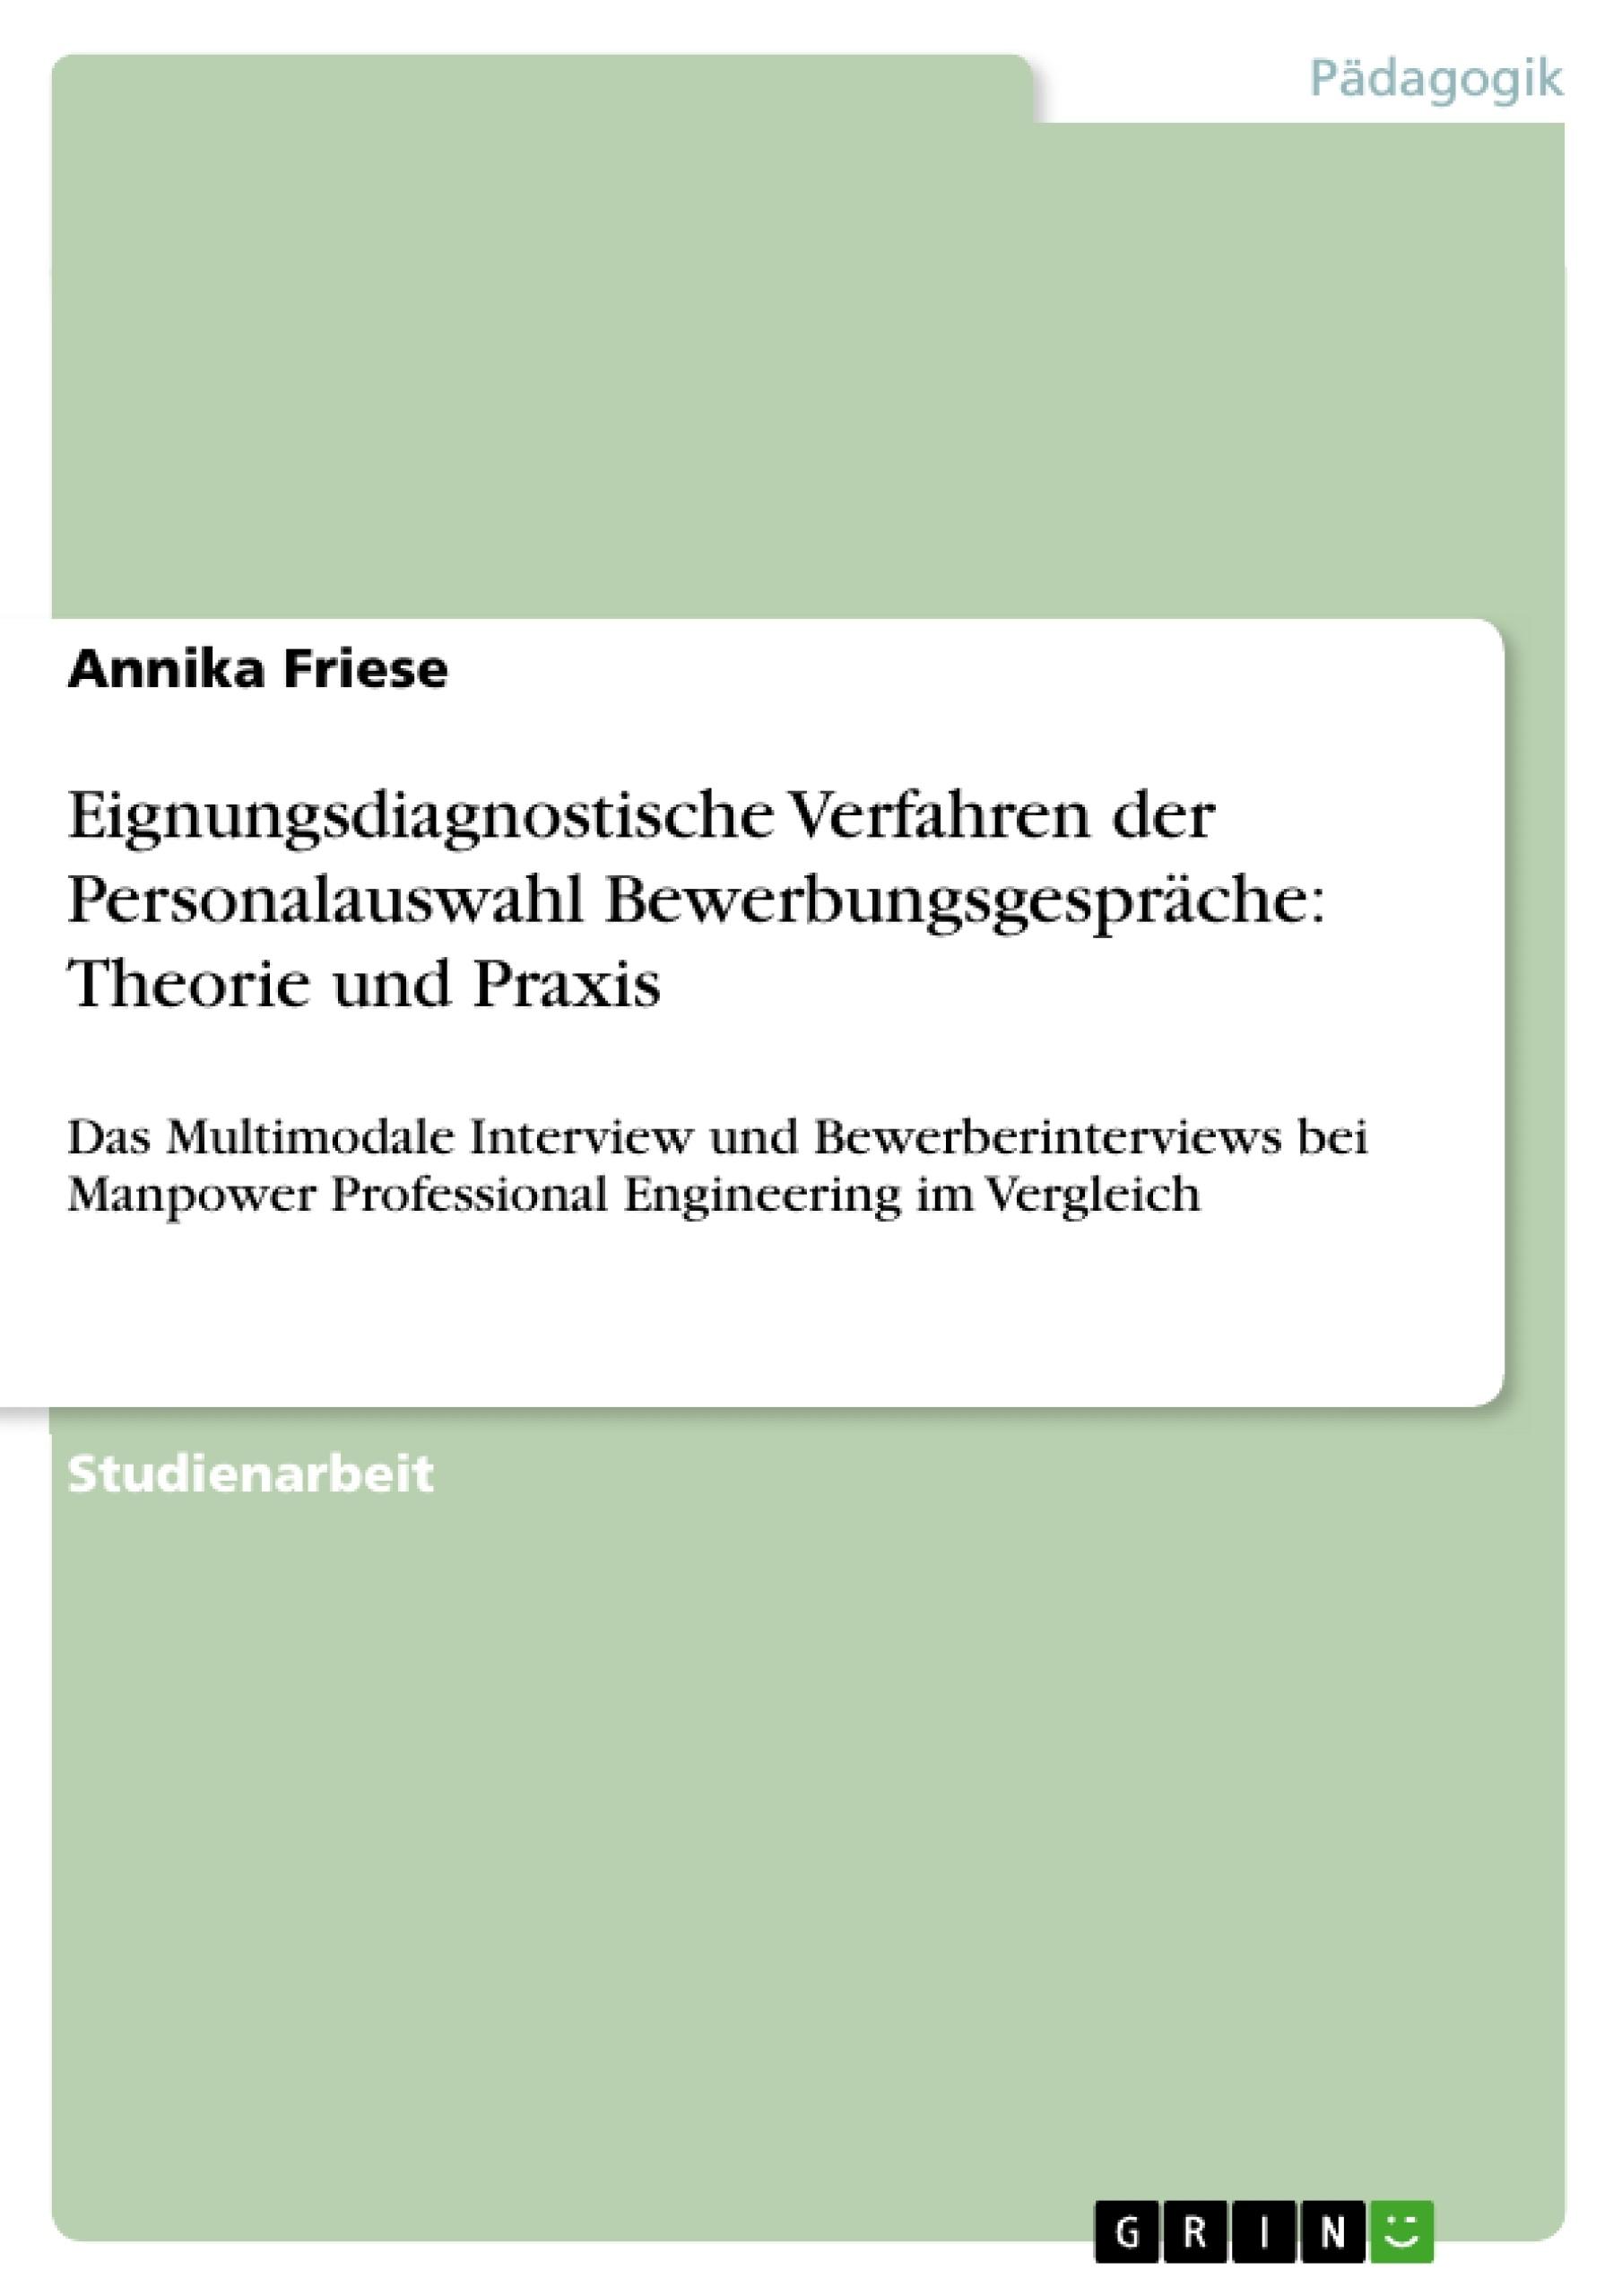 Titel: Eignungsdiagnostische Verfahren der Personalauswahl Bewerbungsgespräche: Theorie und Praxis